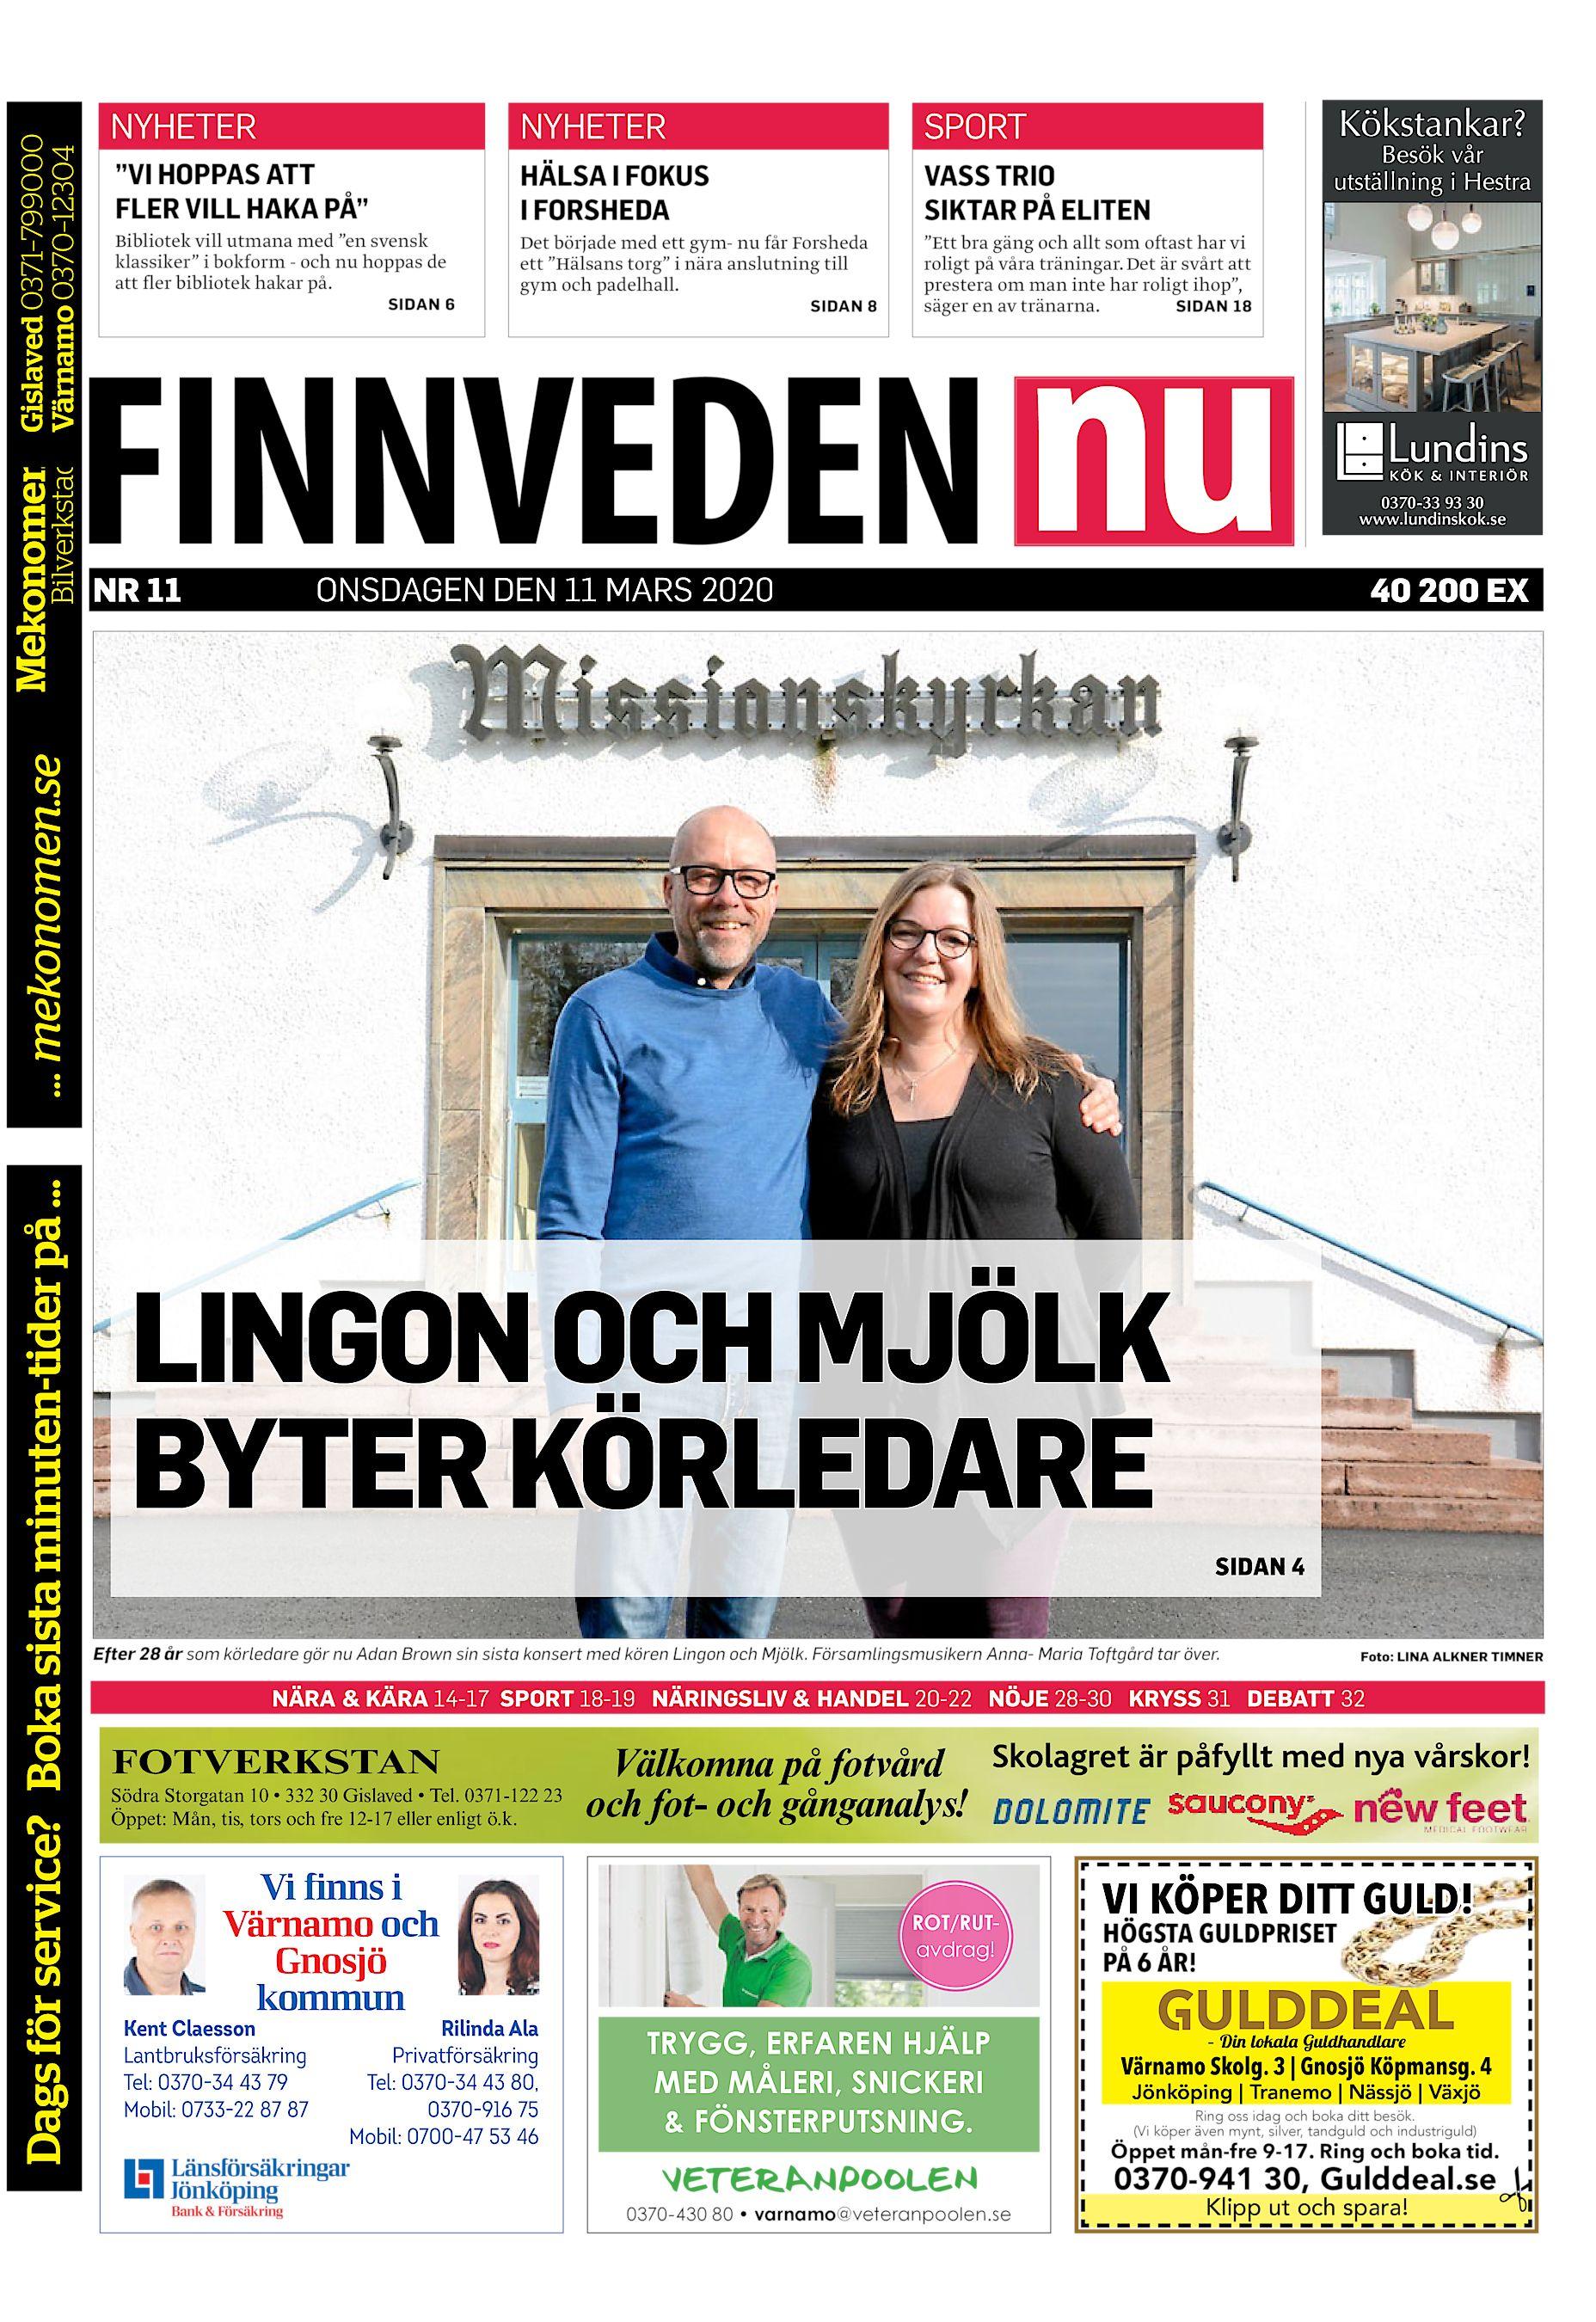 Anneli Hiltunen, 65 r i Forsheda p Storgatan 37 - telefon